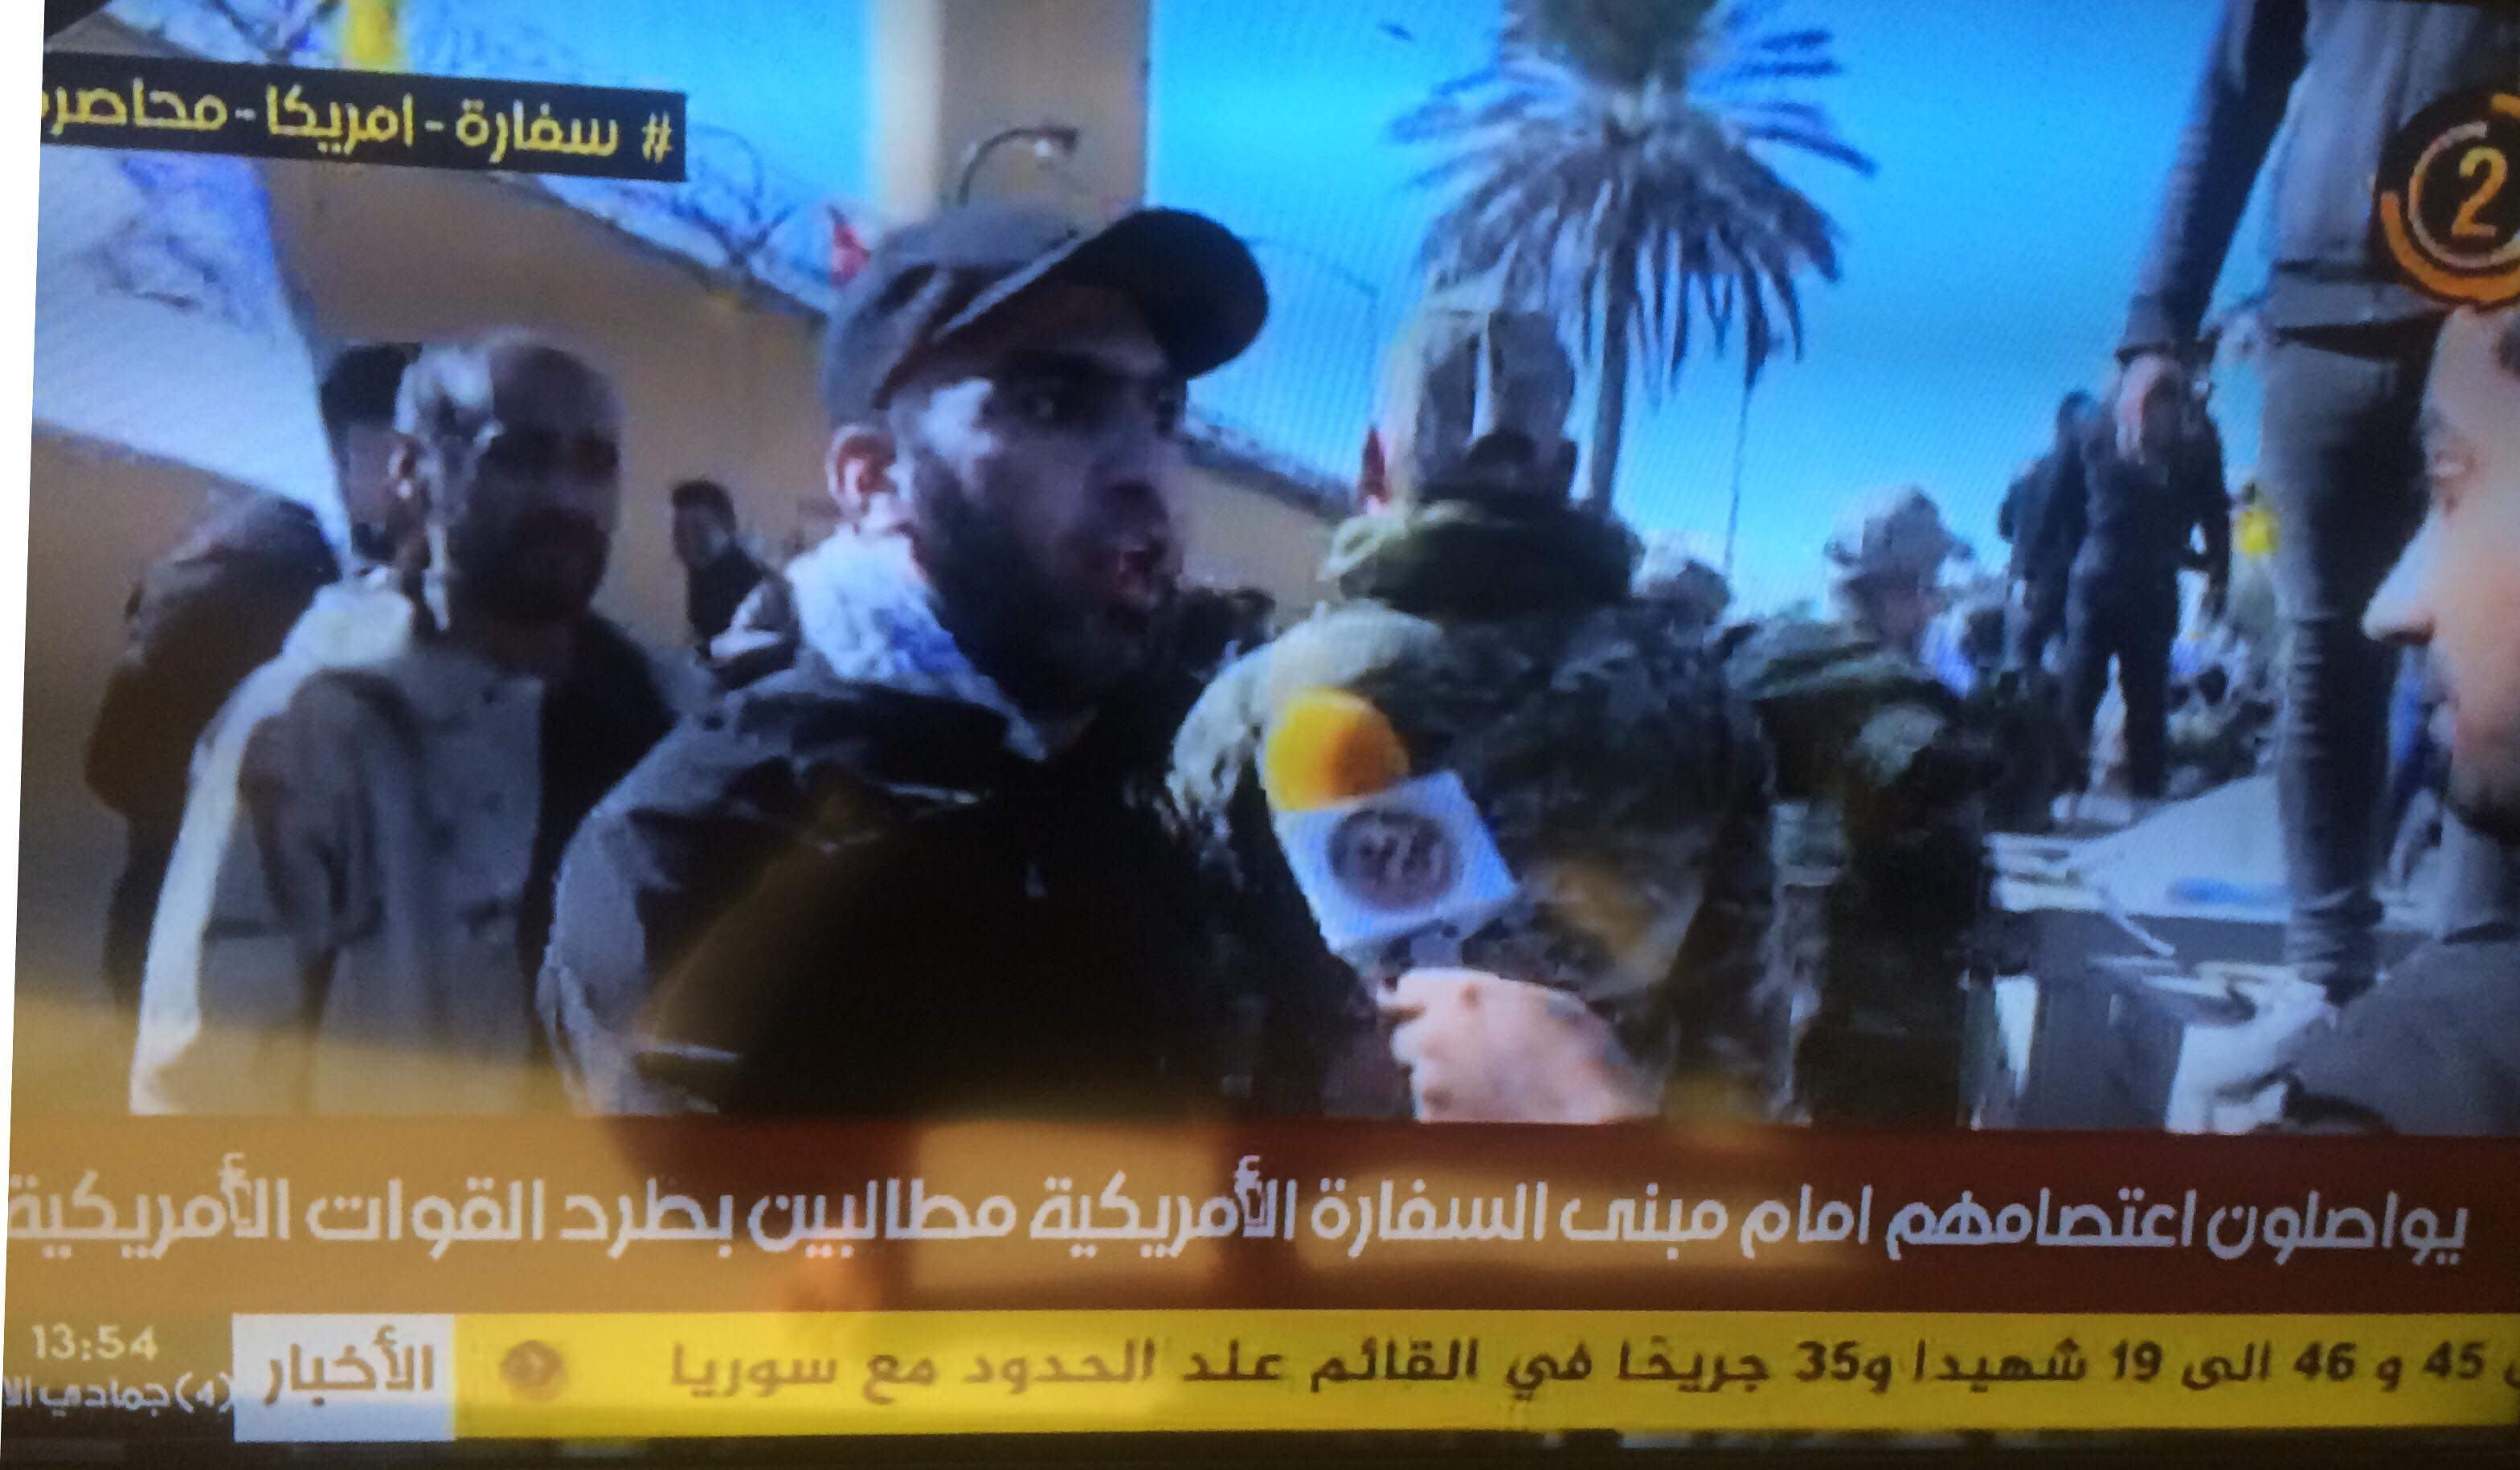 وسائل إعلام حشدية تؤكد استمرار الاعتصام أمام السفارة الأميركية